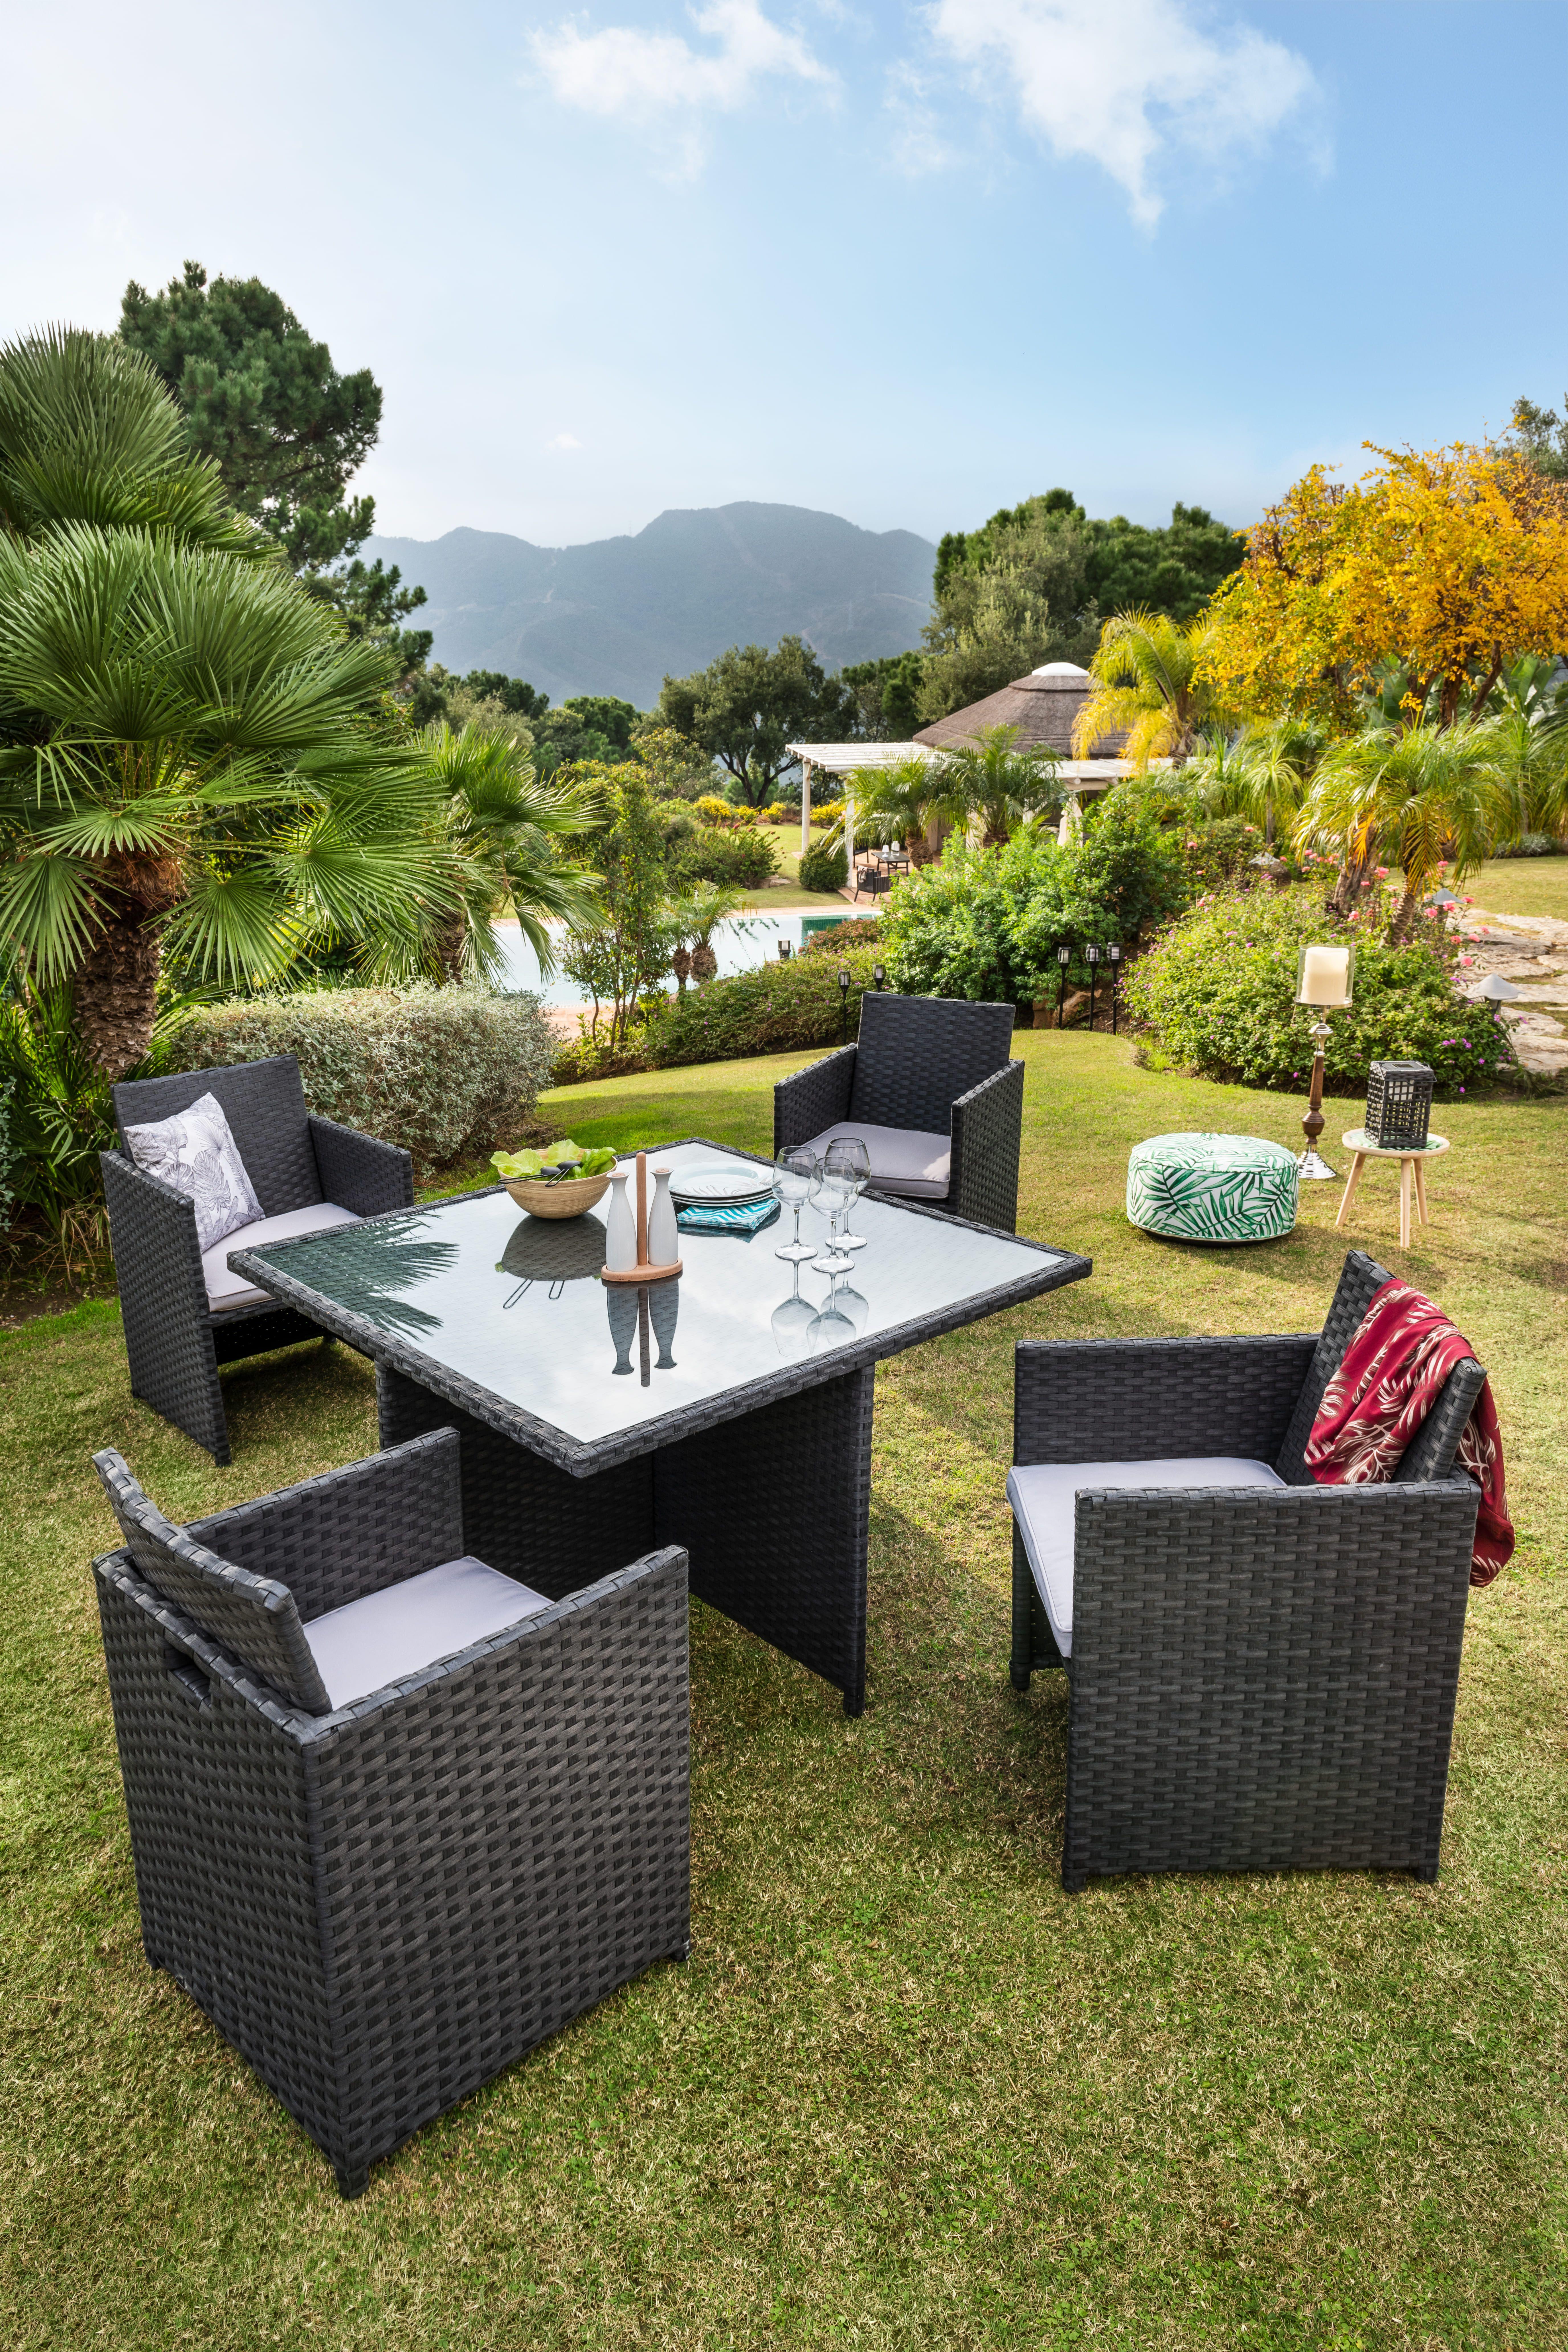 Mobilier De Jardin Pas Cher Gifi Salon De Jardin Decoration Exterieur Mobilier Jardin